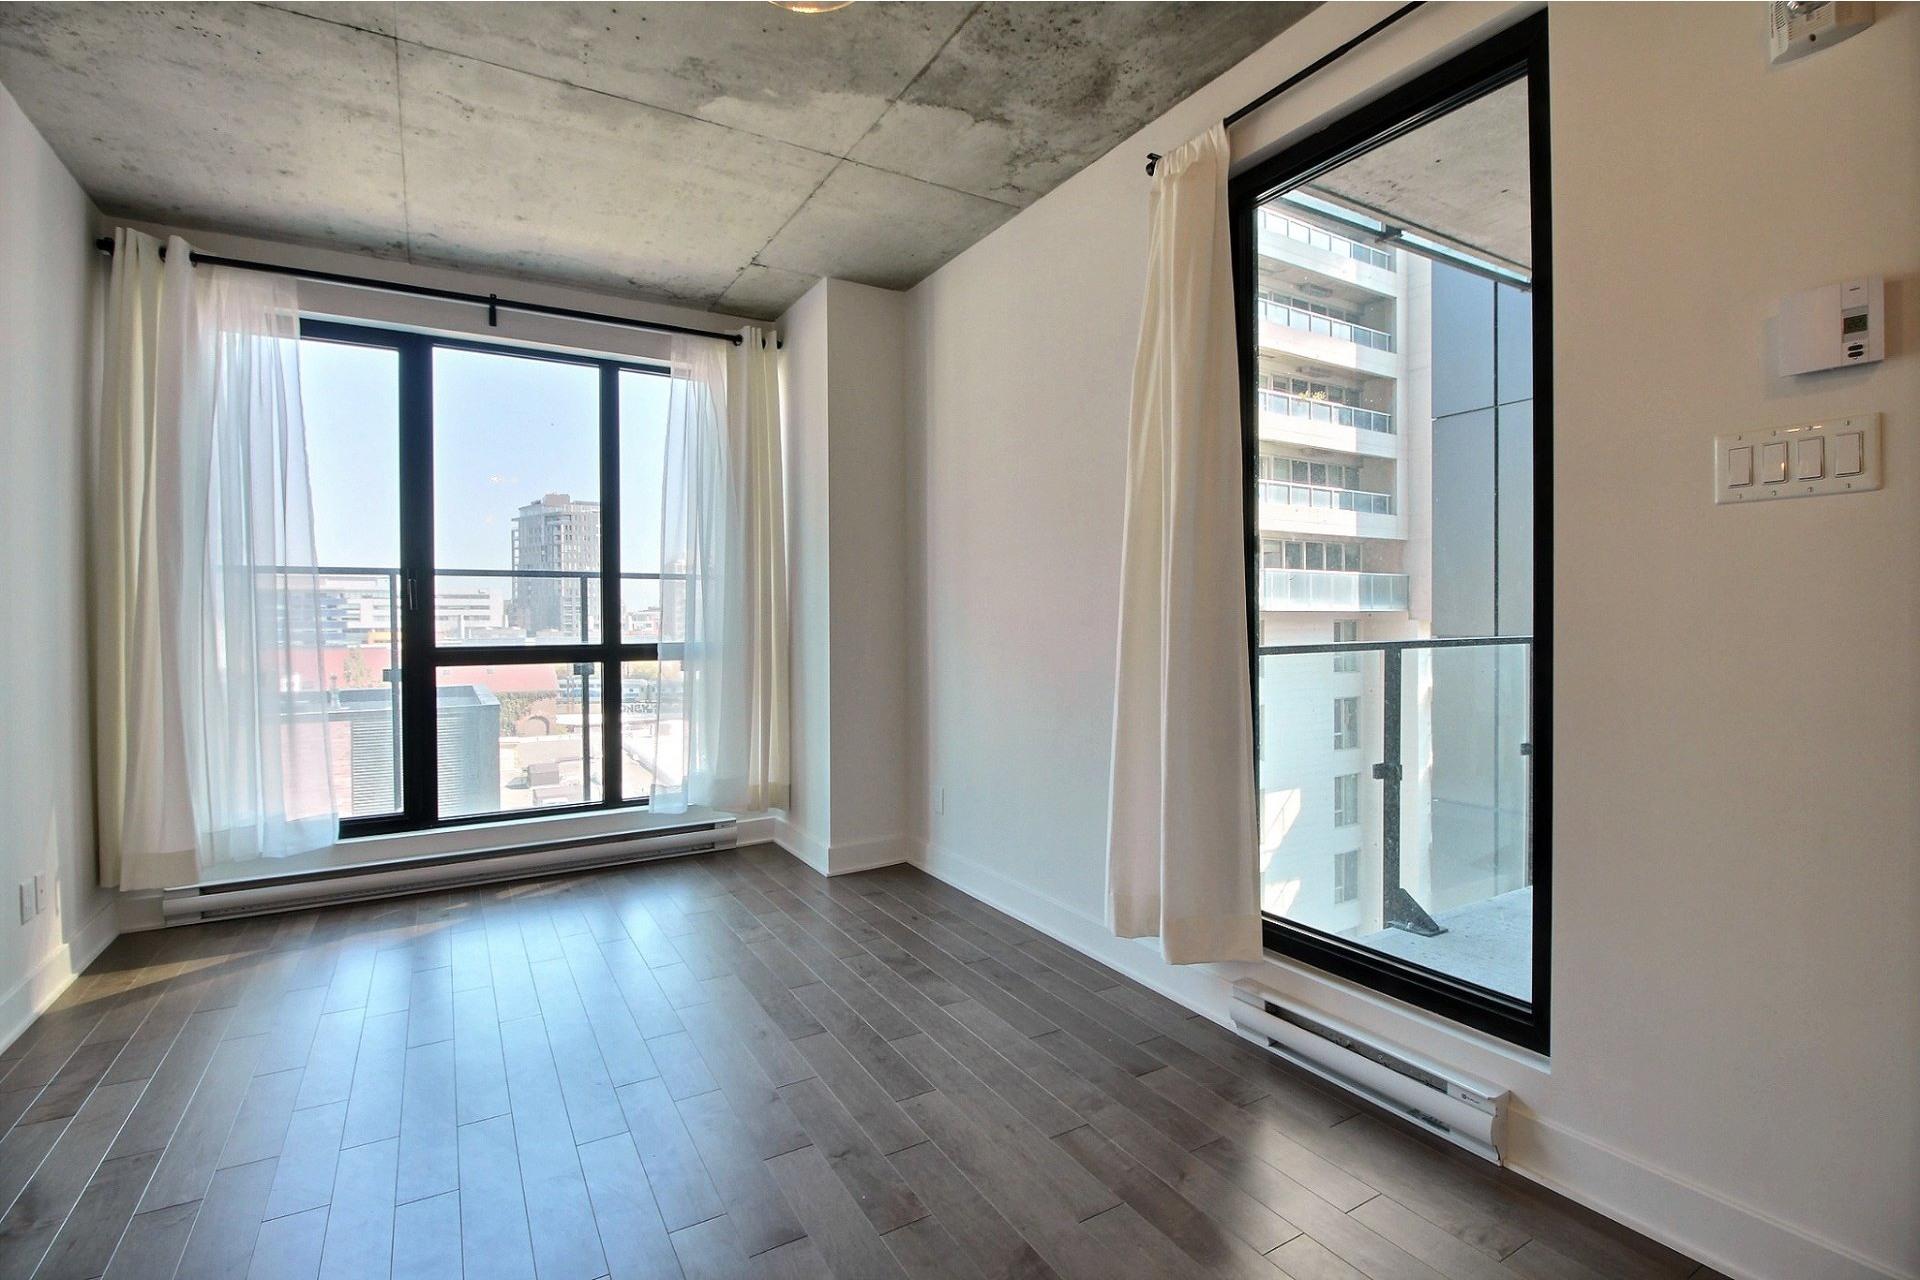 image 2 - Appartement À louer Le Sud-Ouest Montréal  - 6 pièces